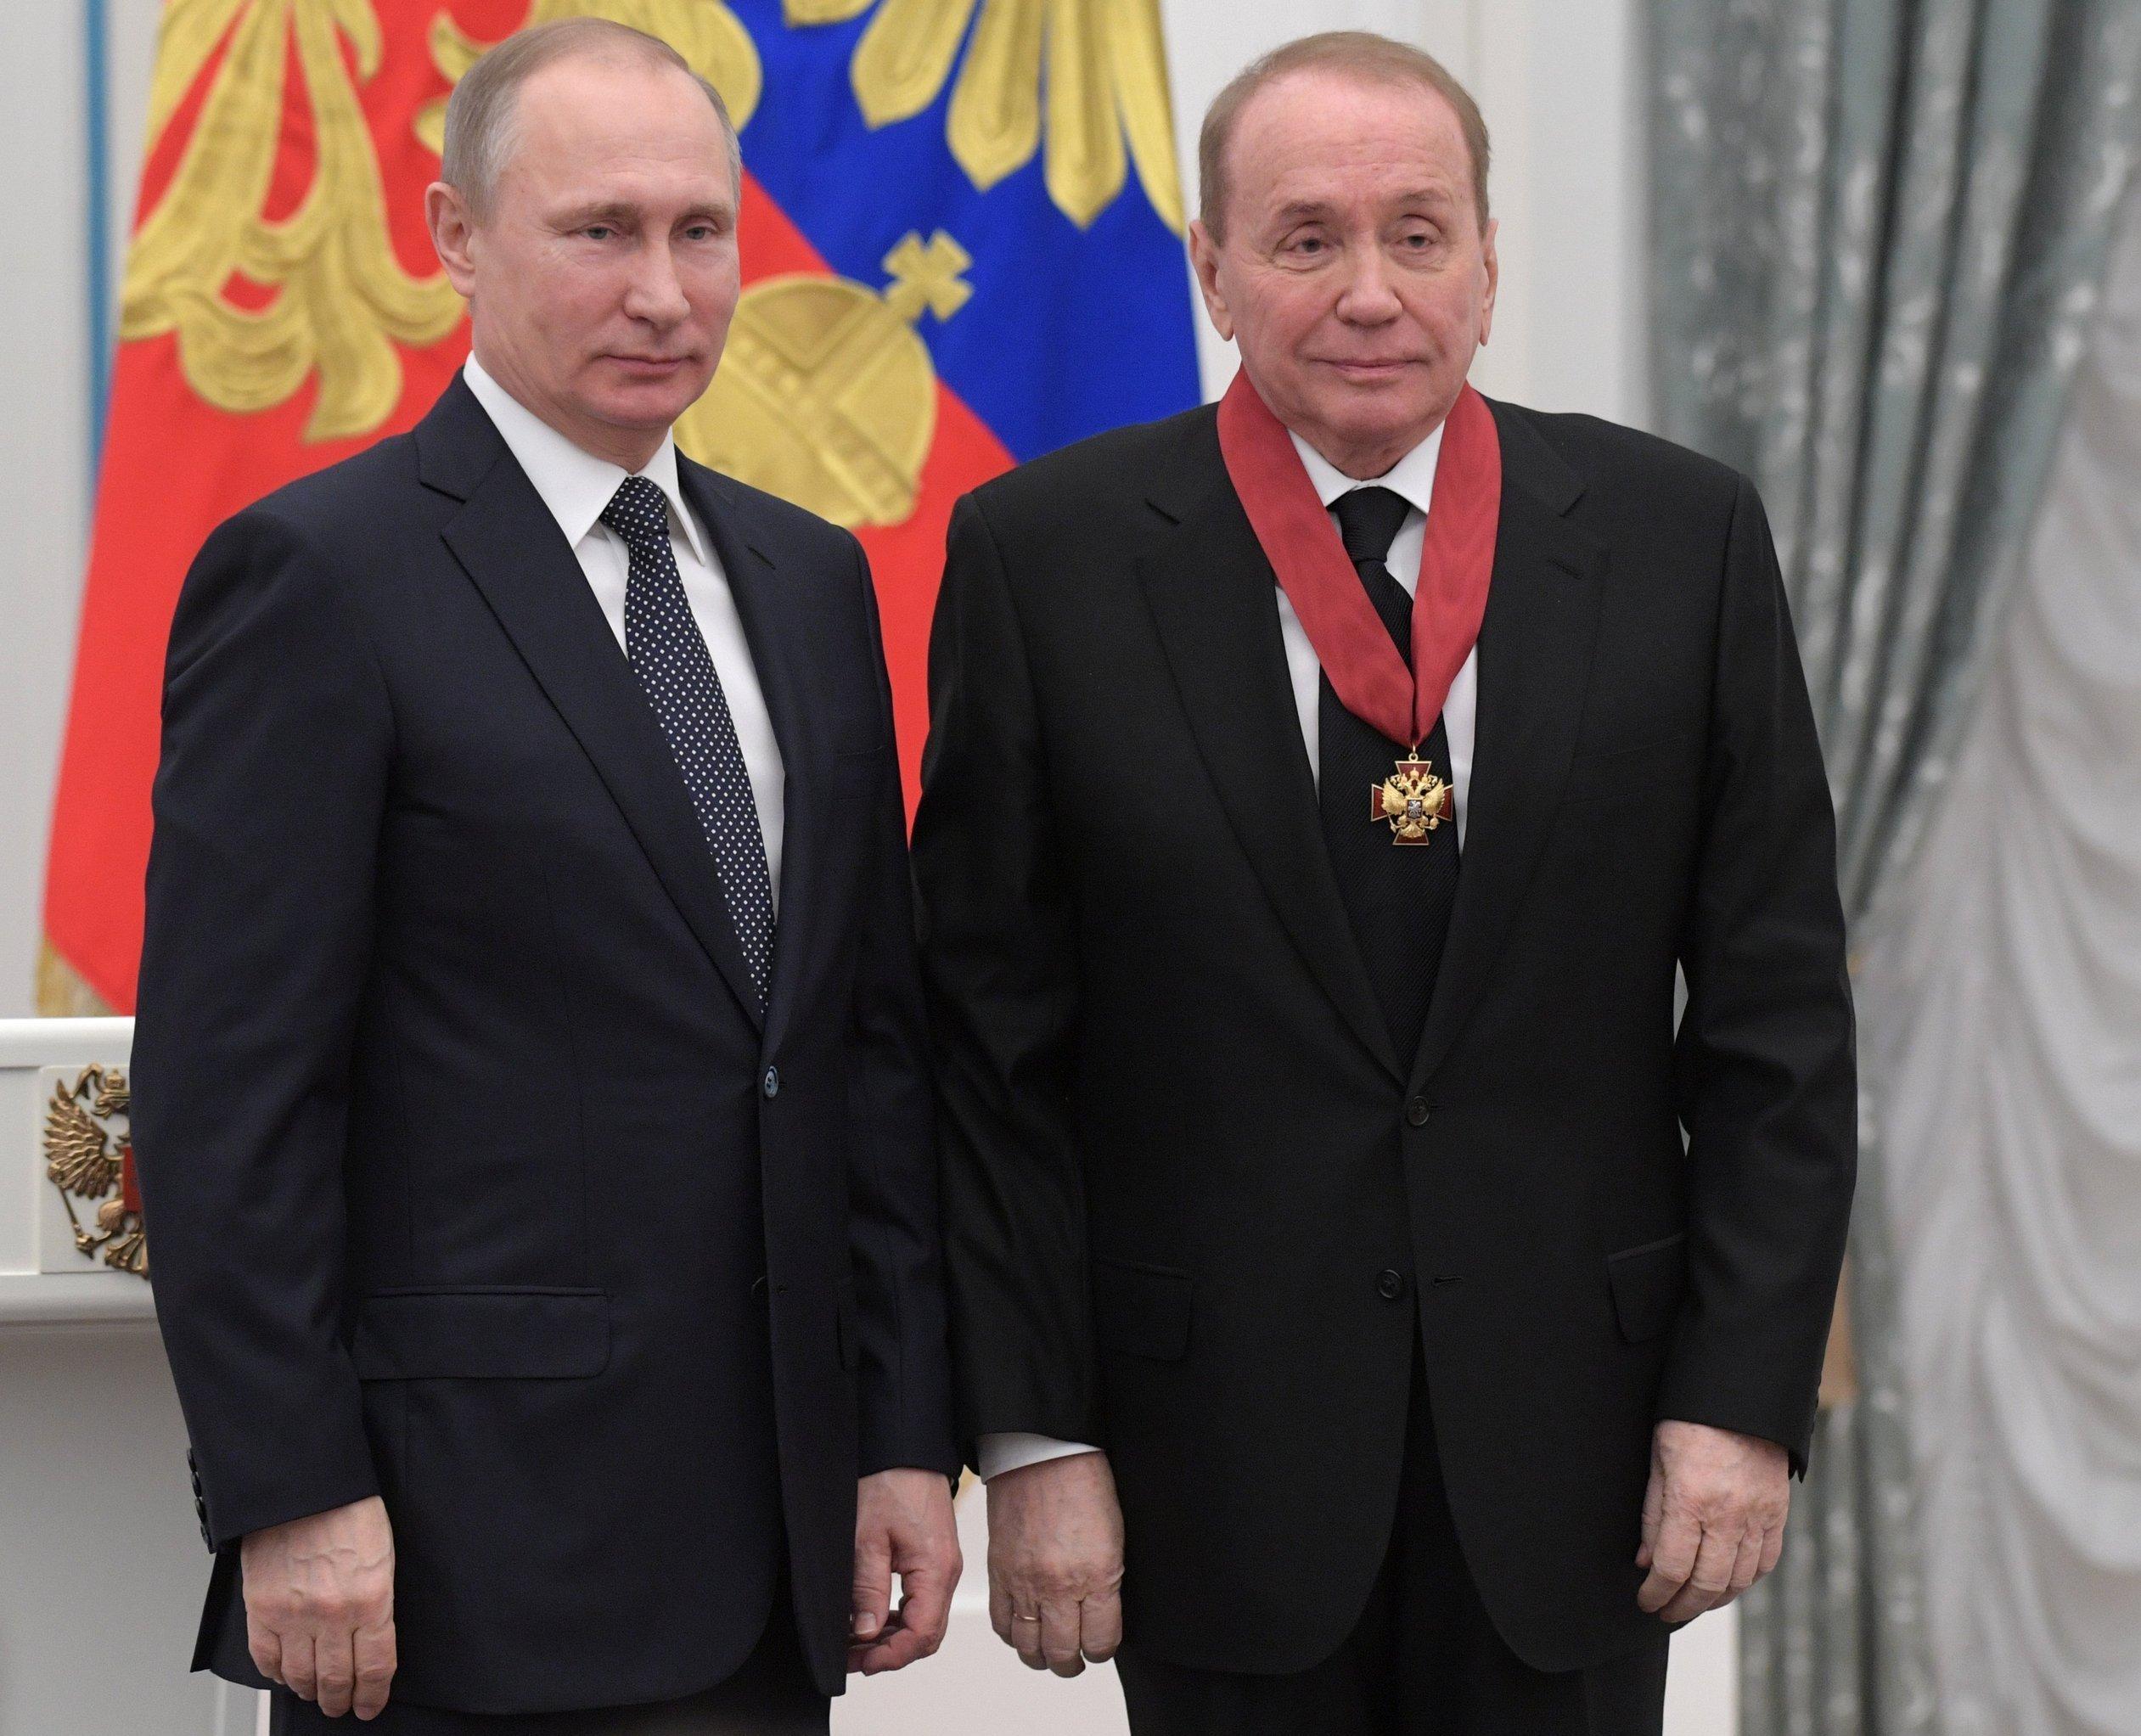 Масляков оценил чувство юмора В. Путина